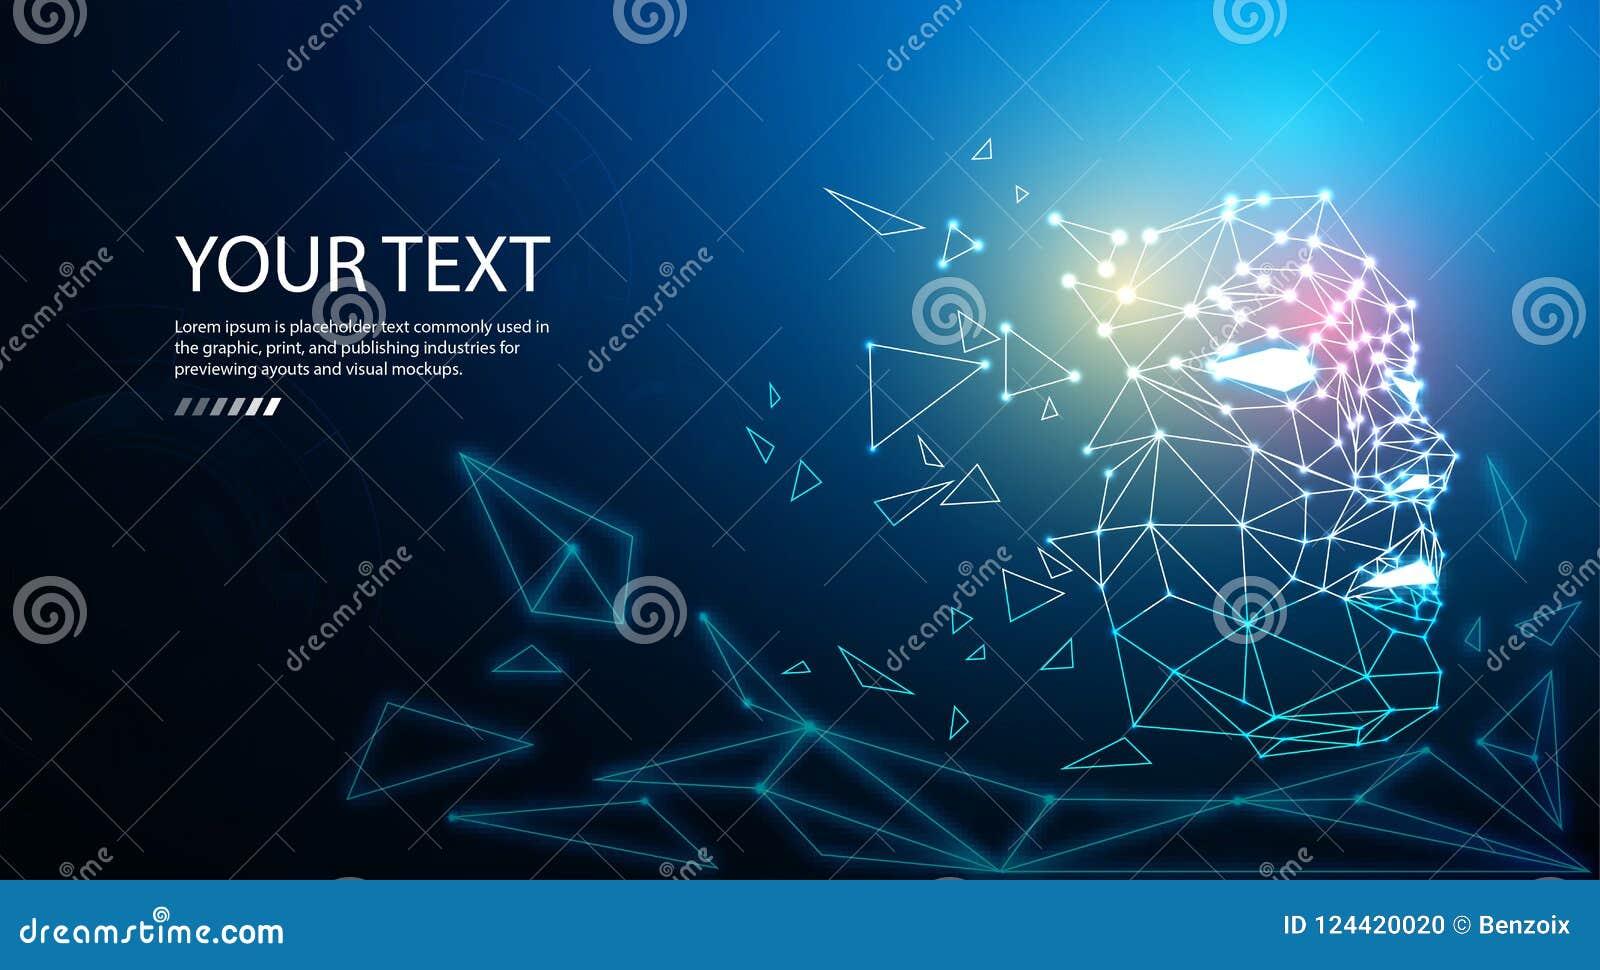 人工智能和机器学习的数字式微粒面孔技术概念背景